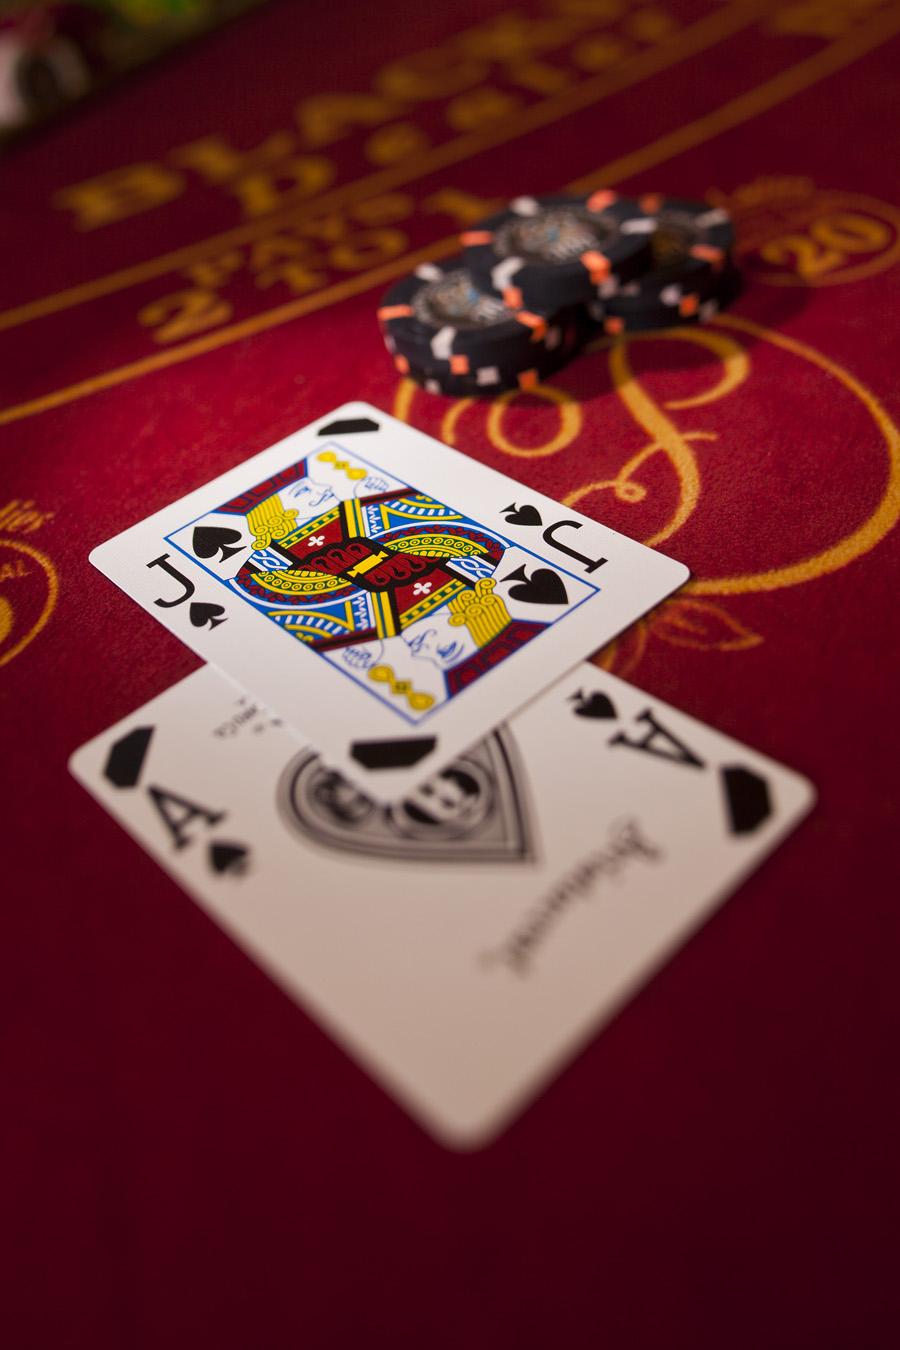 Les jeux casino sous toutes leurs formes